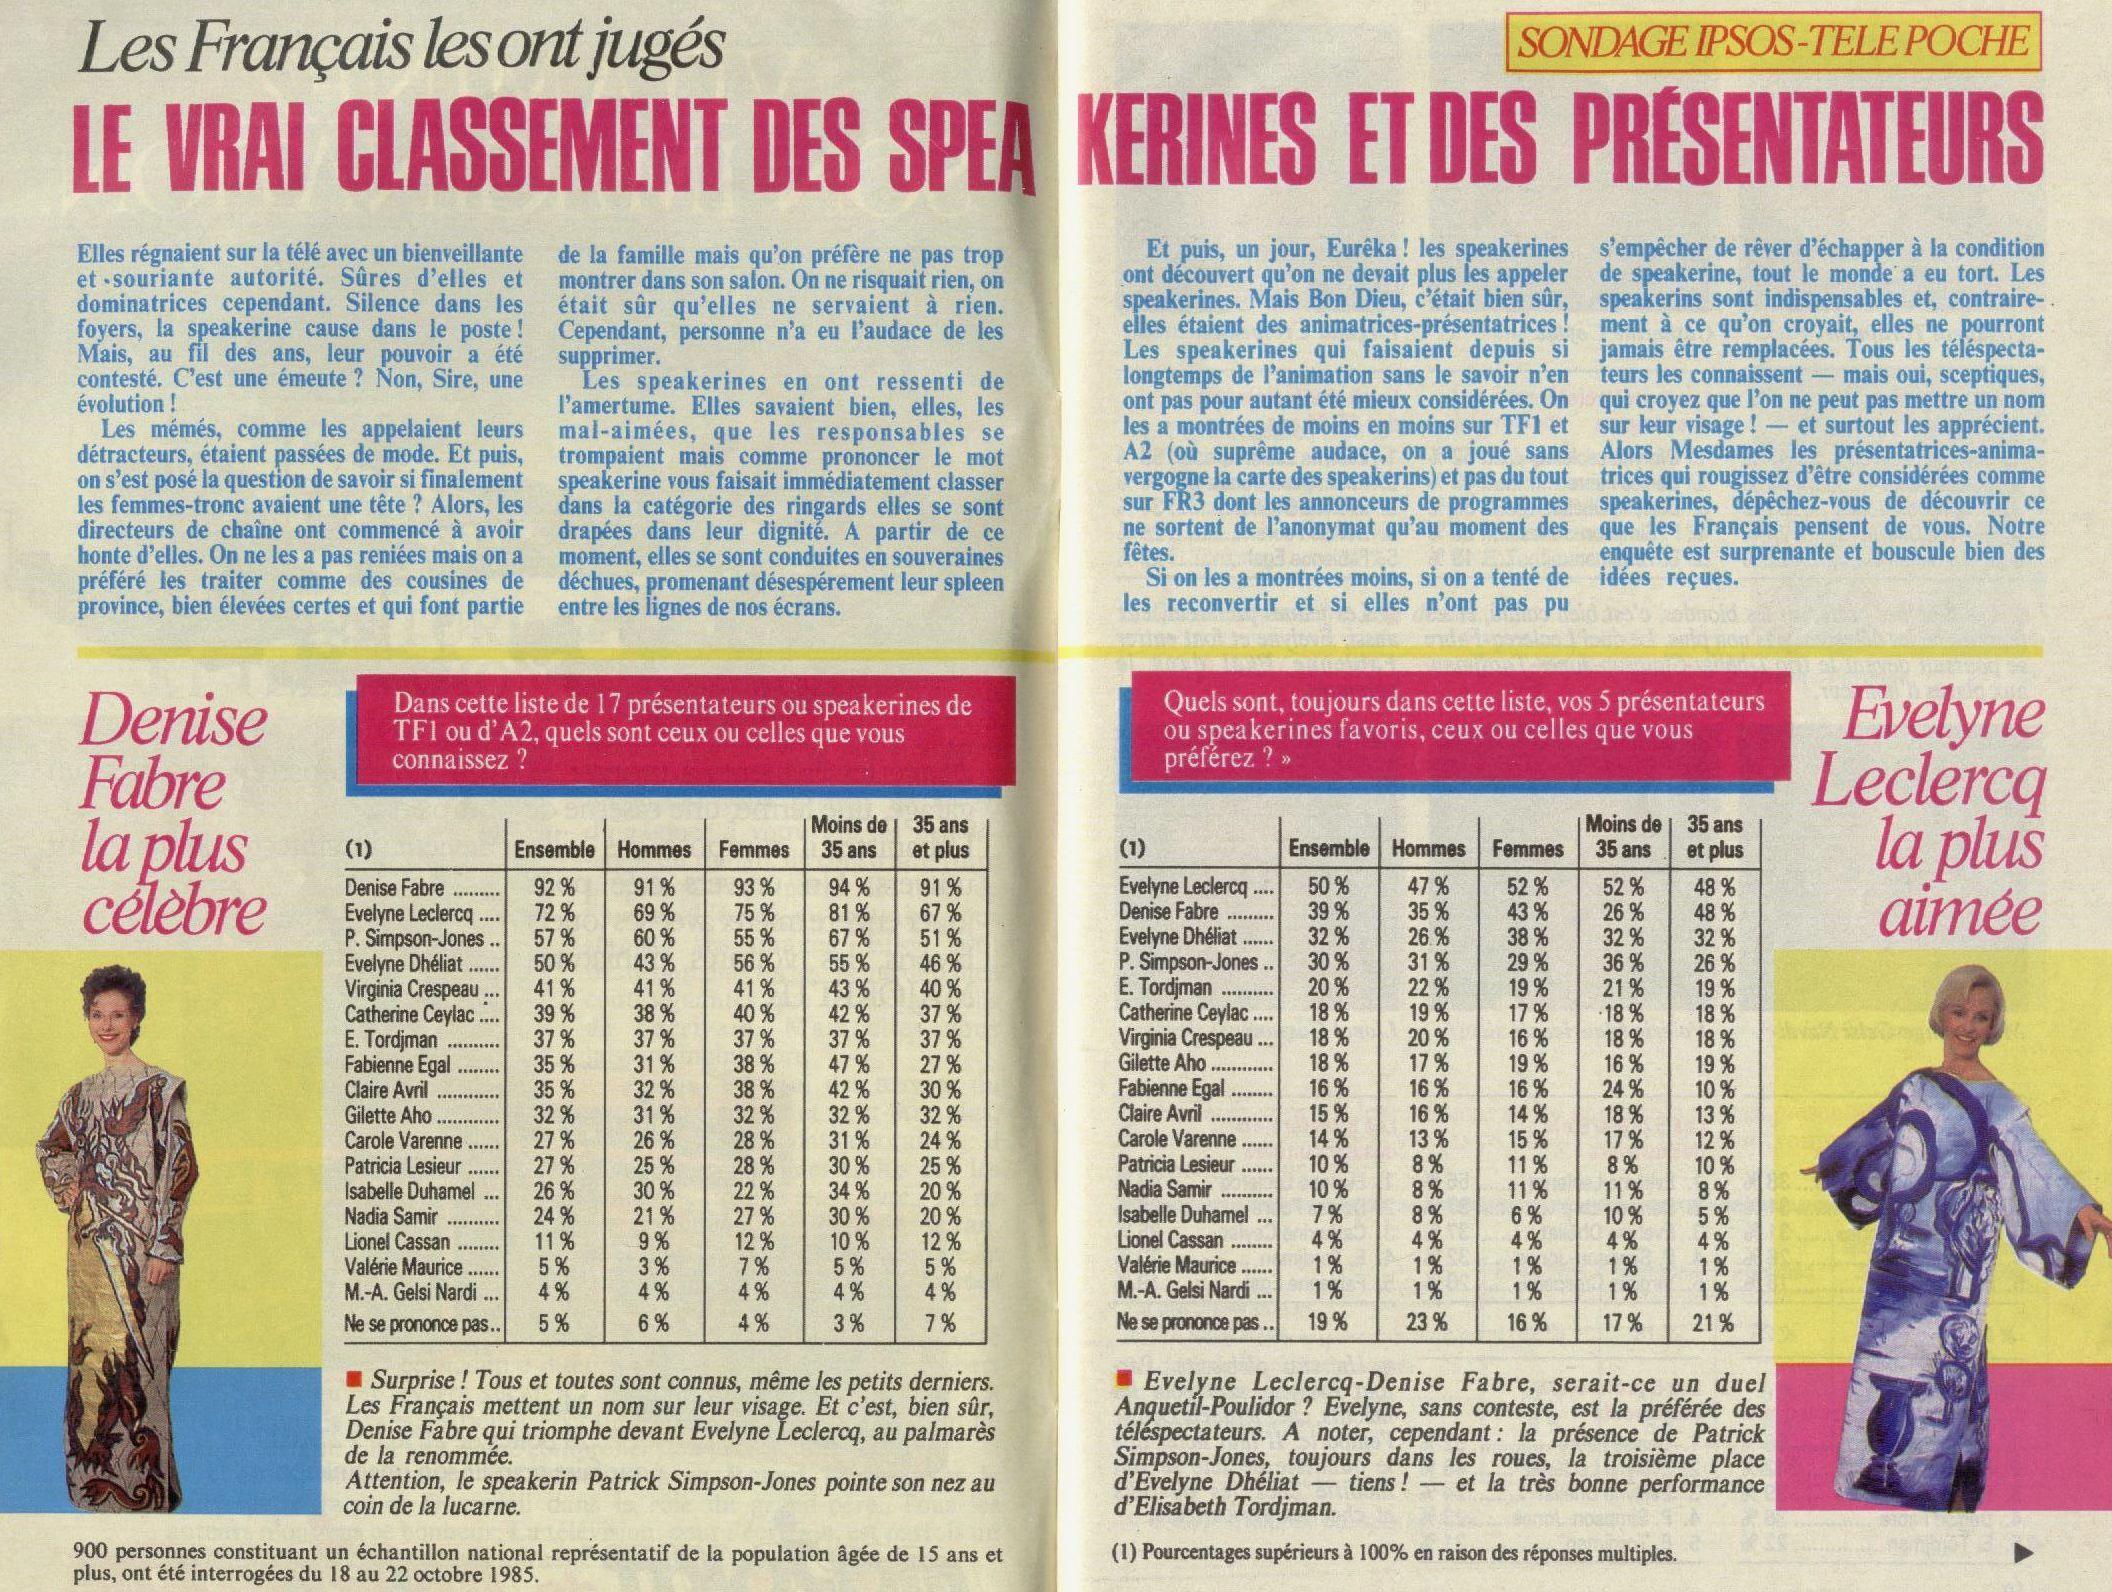 http://grenierdelatv.free.fr/speakerinestp103302.jpg